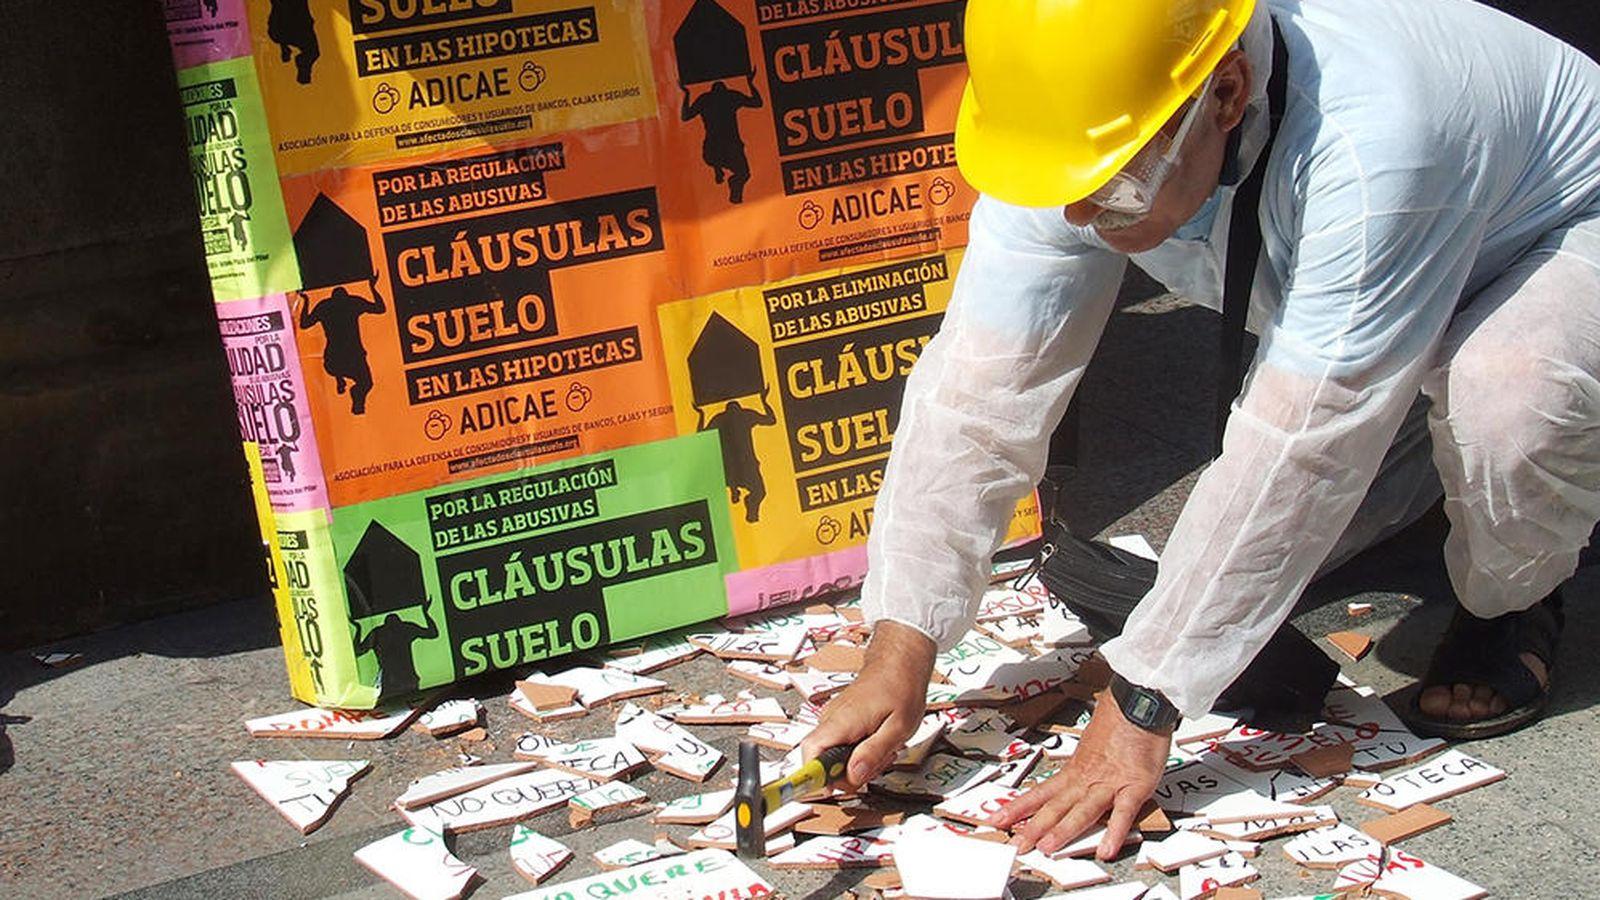 Cl usulas suelo las cinco claves de la hist rica for Clausula suelo galicia